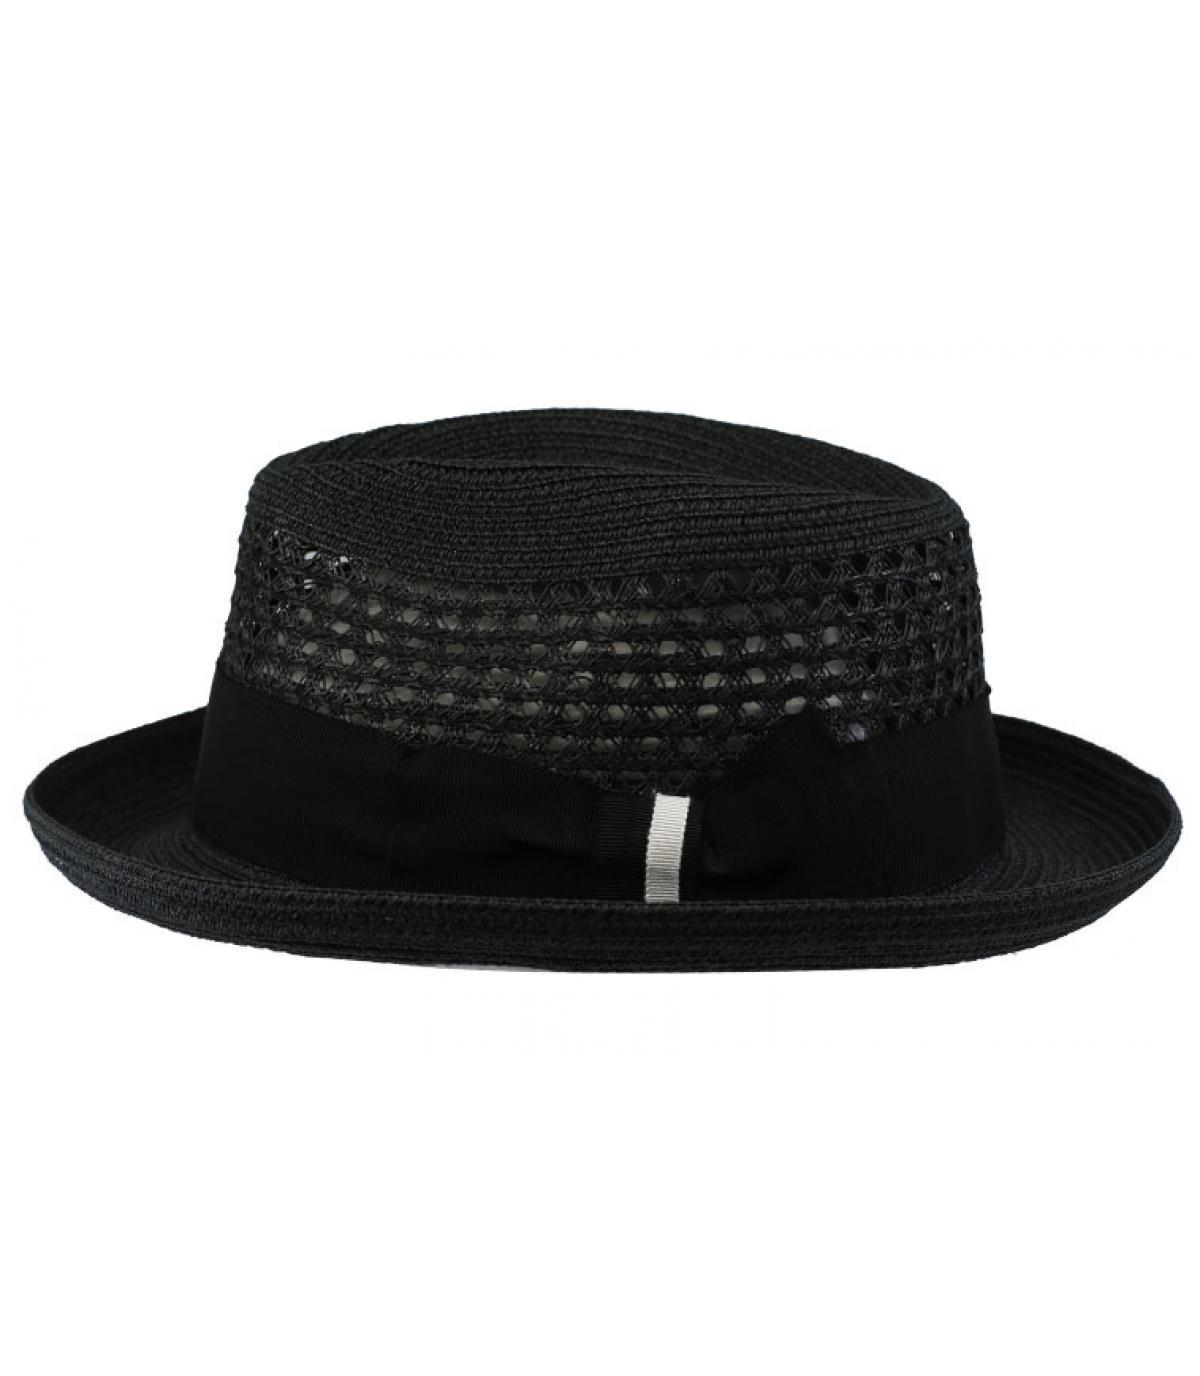 d40c4c2245011 black straw hat Bailey. Détails Wilshire solid black - image 4; Détails  Wilshire solid black - image ...